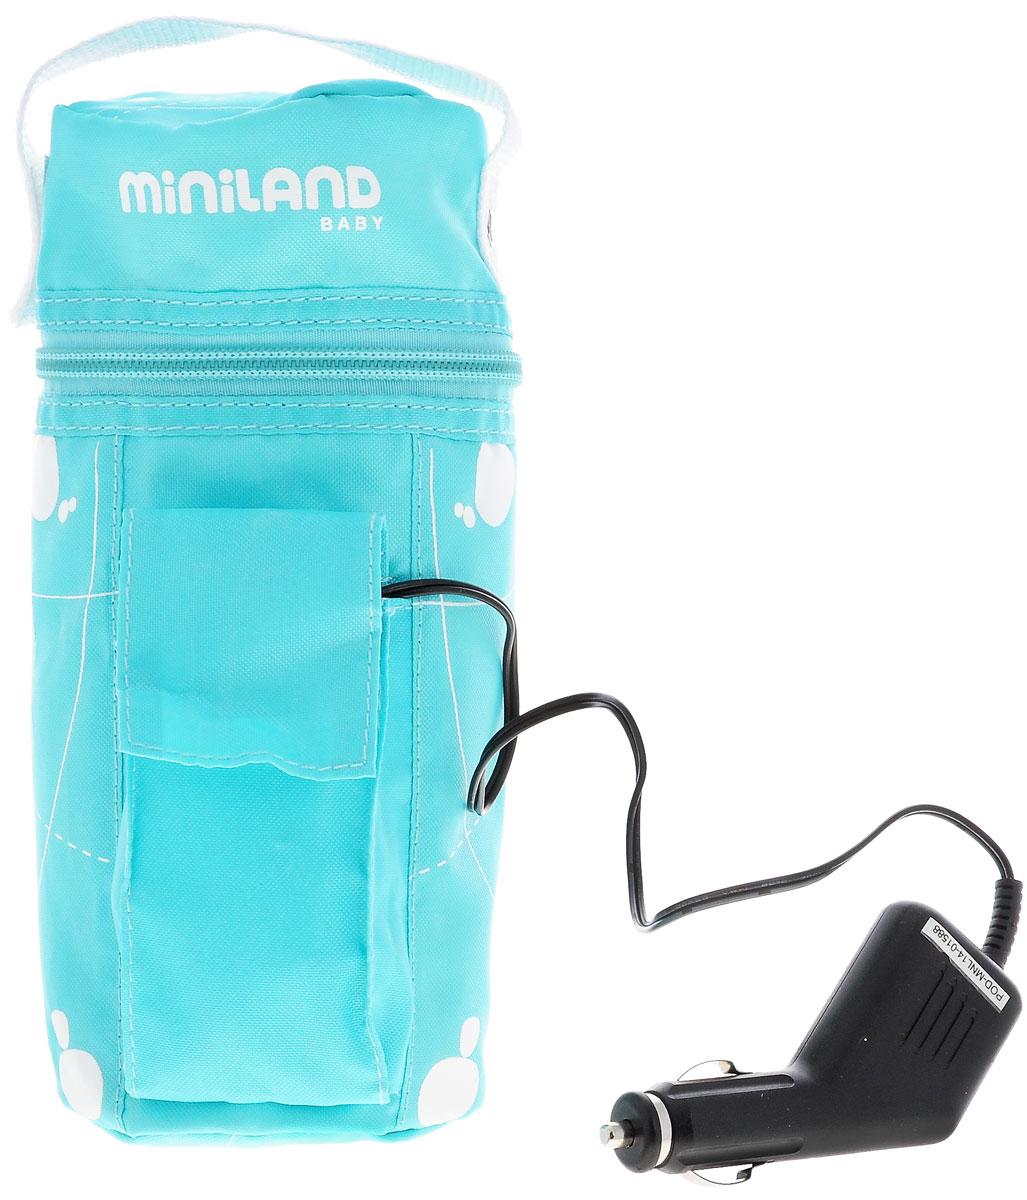 Miniland Нагреватель бутылочек дорожный Warmy Travel цвет бирюзовый -  Все для детского кормления